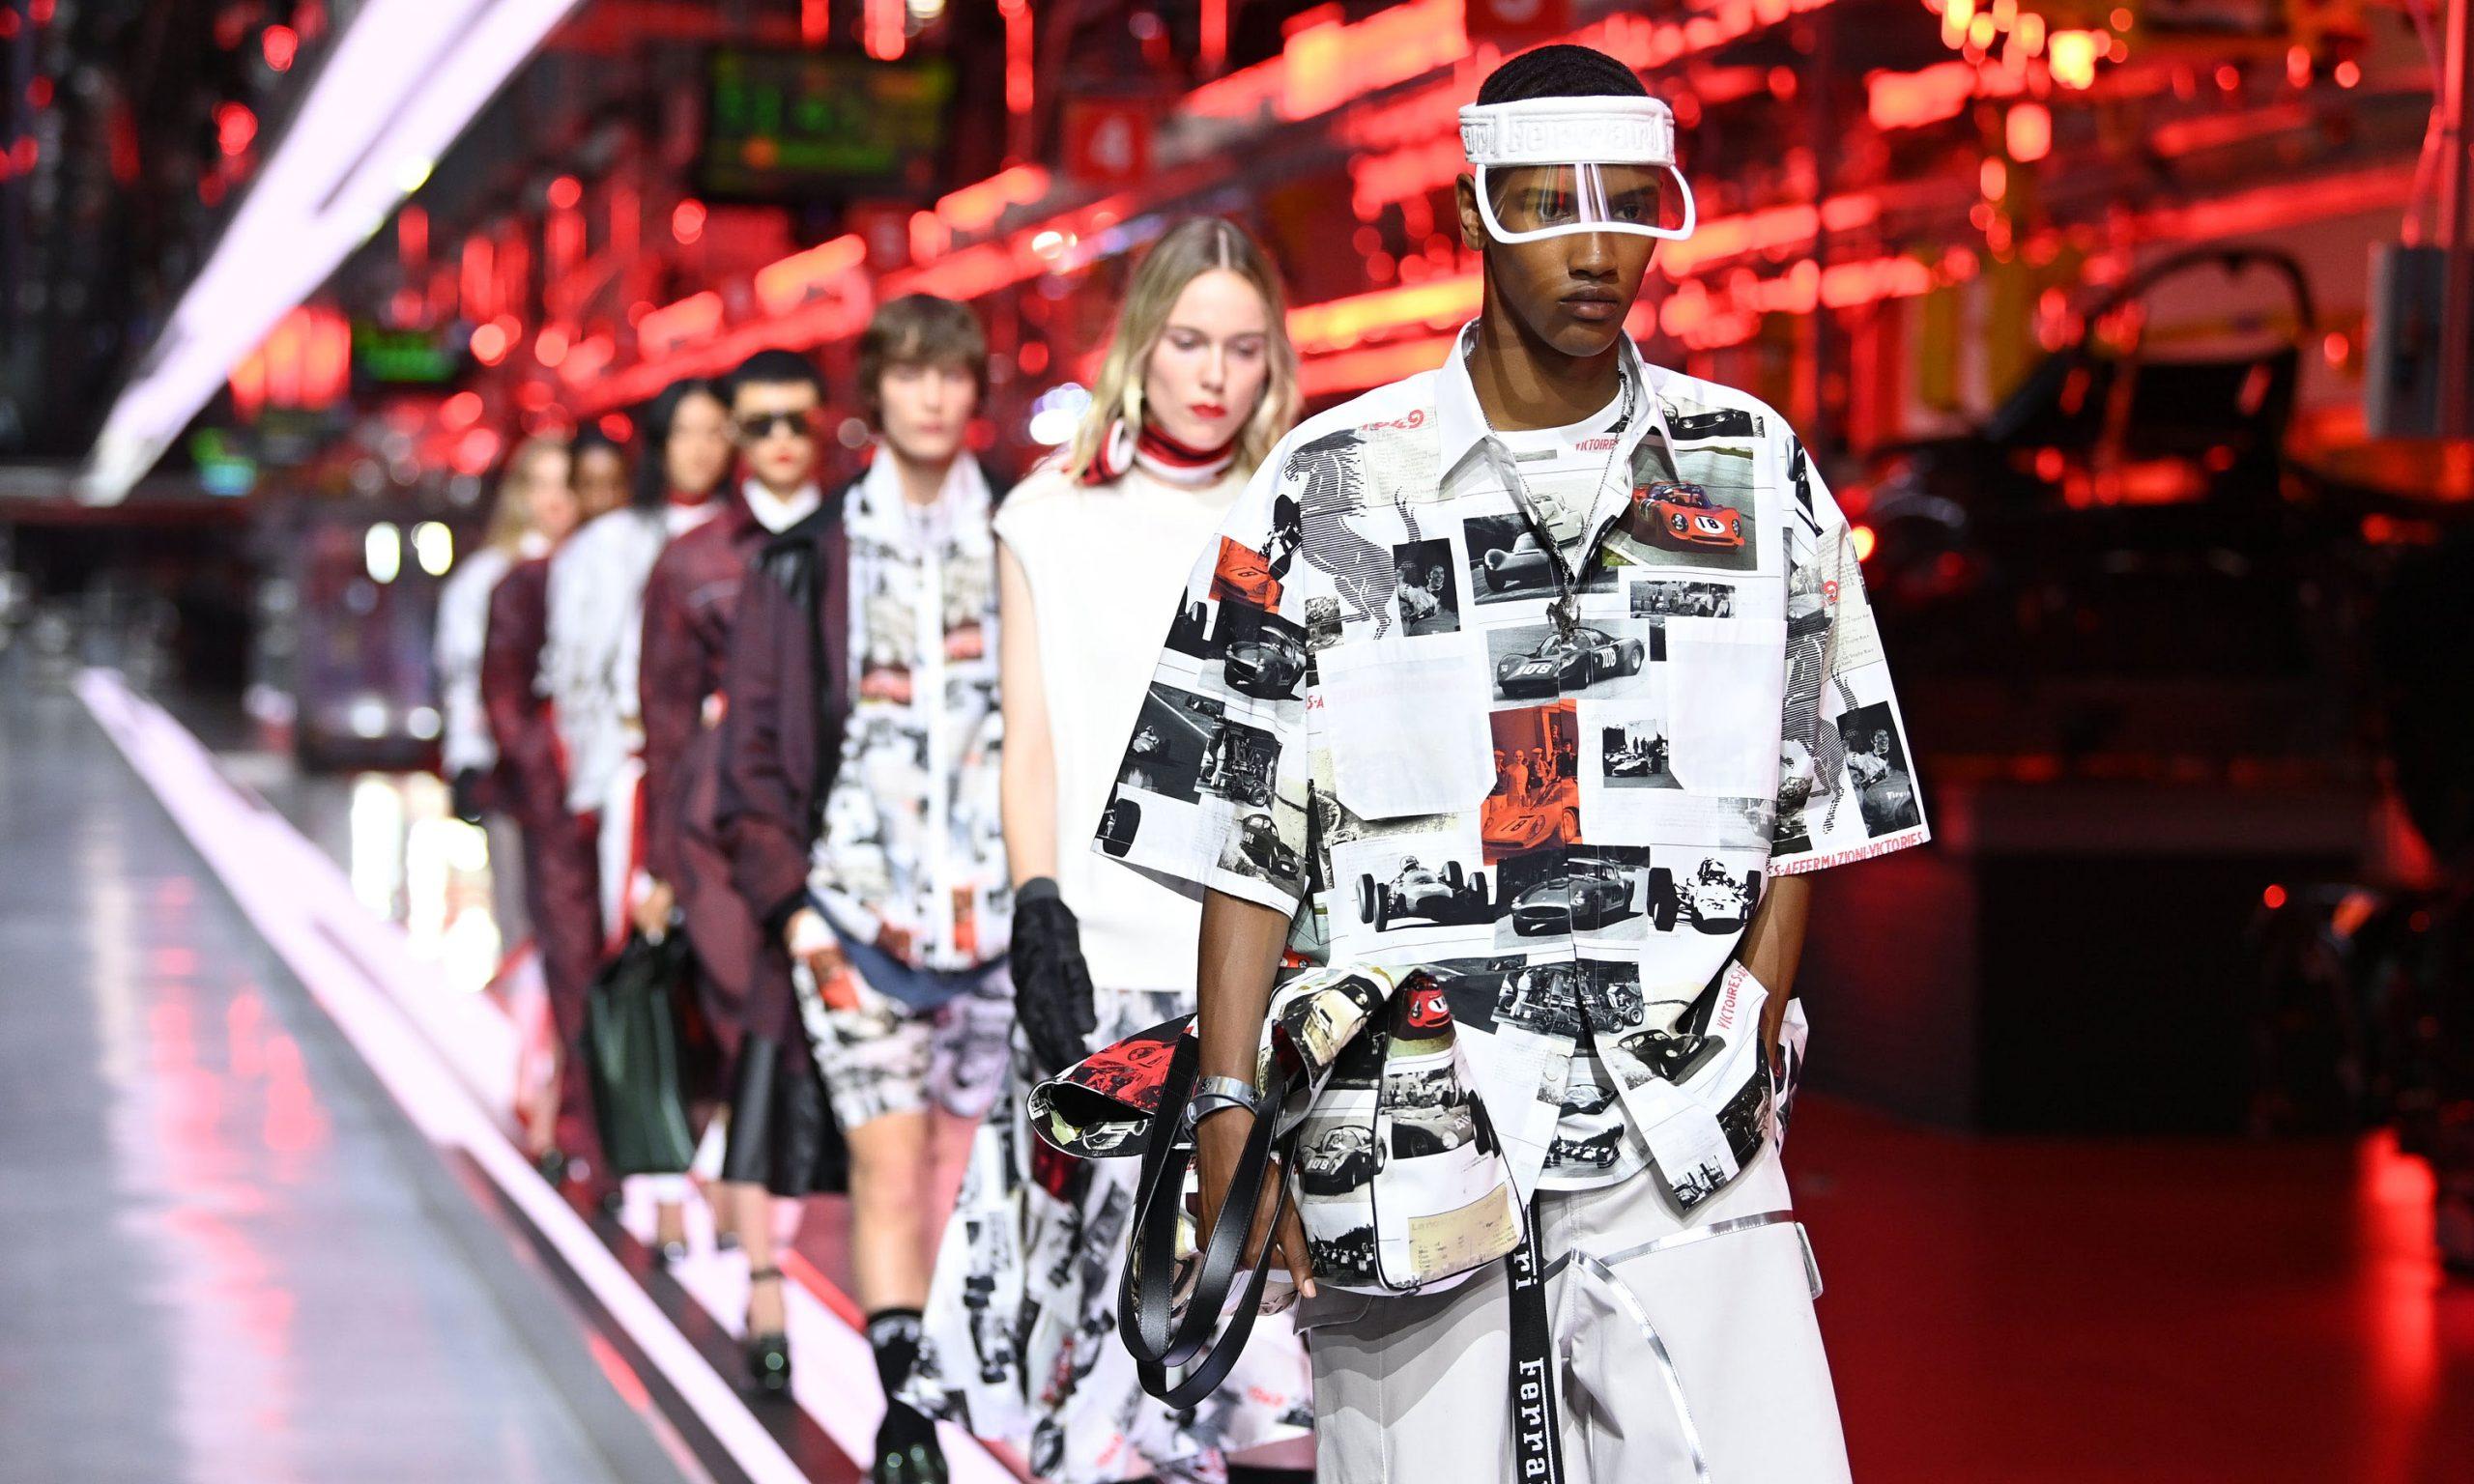 法拉利推出时装系列,是想卖给谁?